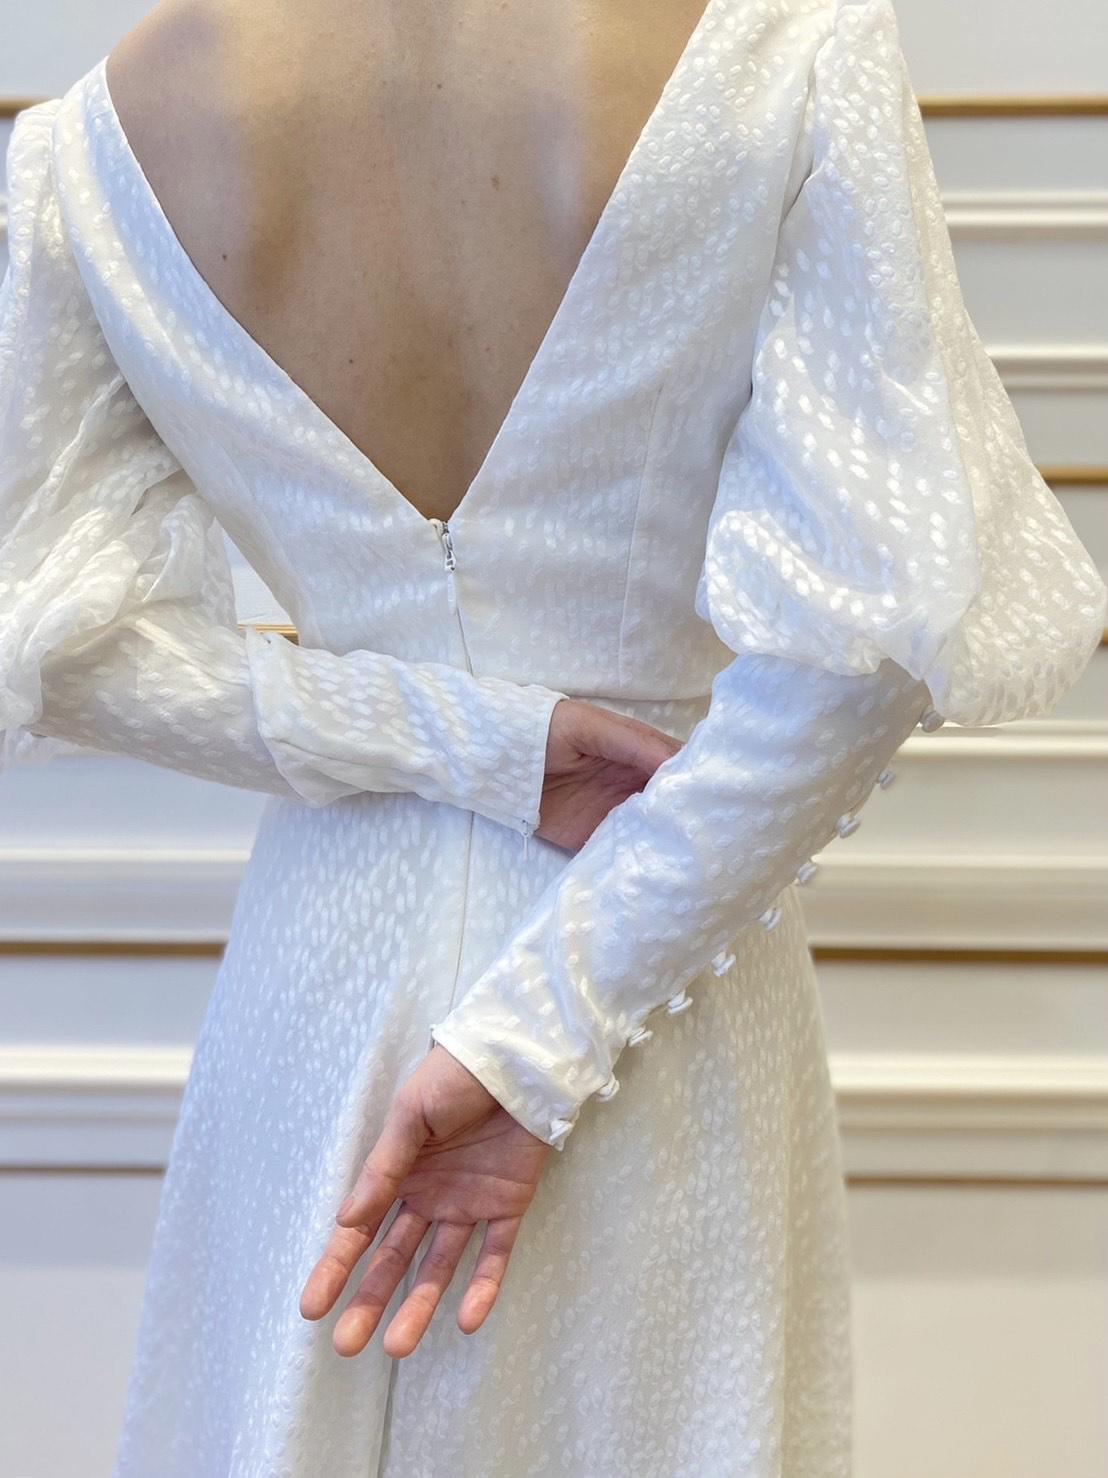 ザ・トリート・ドレッシング名古屋店に新しく入荷したウェディングドレスのブランドSafiyaaのご紹介